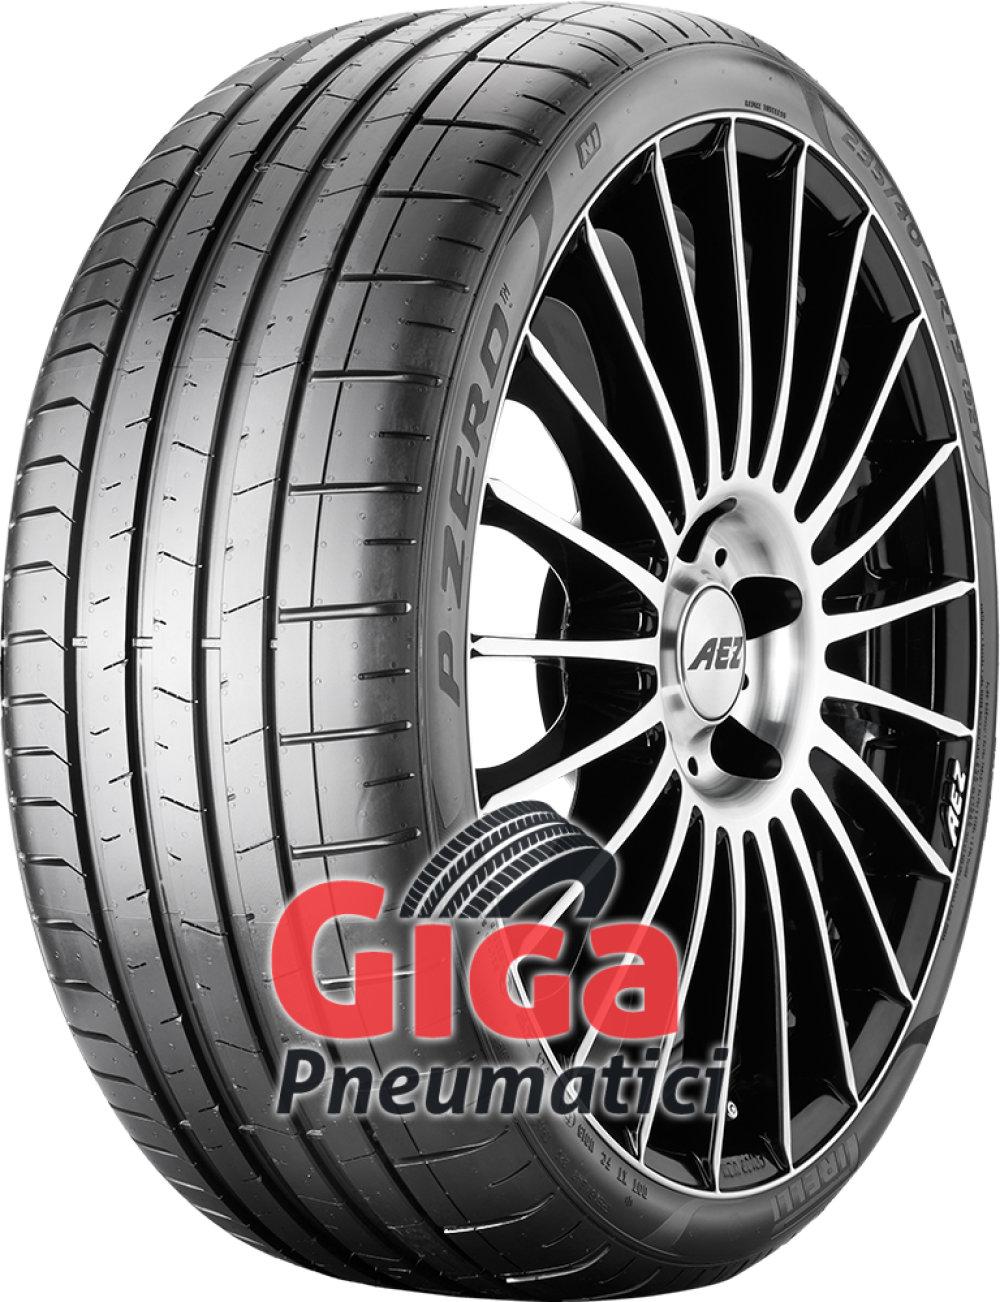 Pirelli P Zero SC ( 265/30 R21 96Y XL PNCS, RO1, con protezione del cerchio (MFS) )